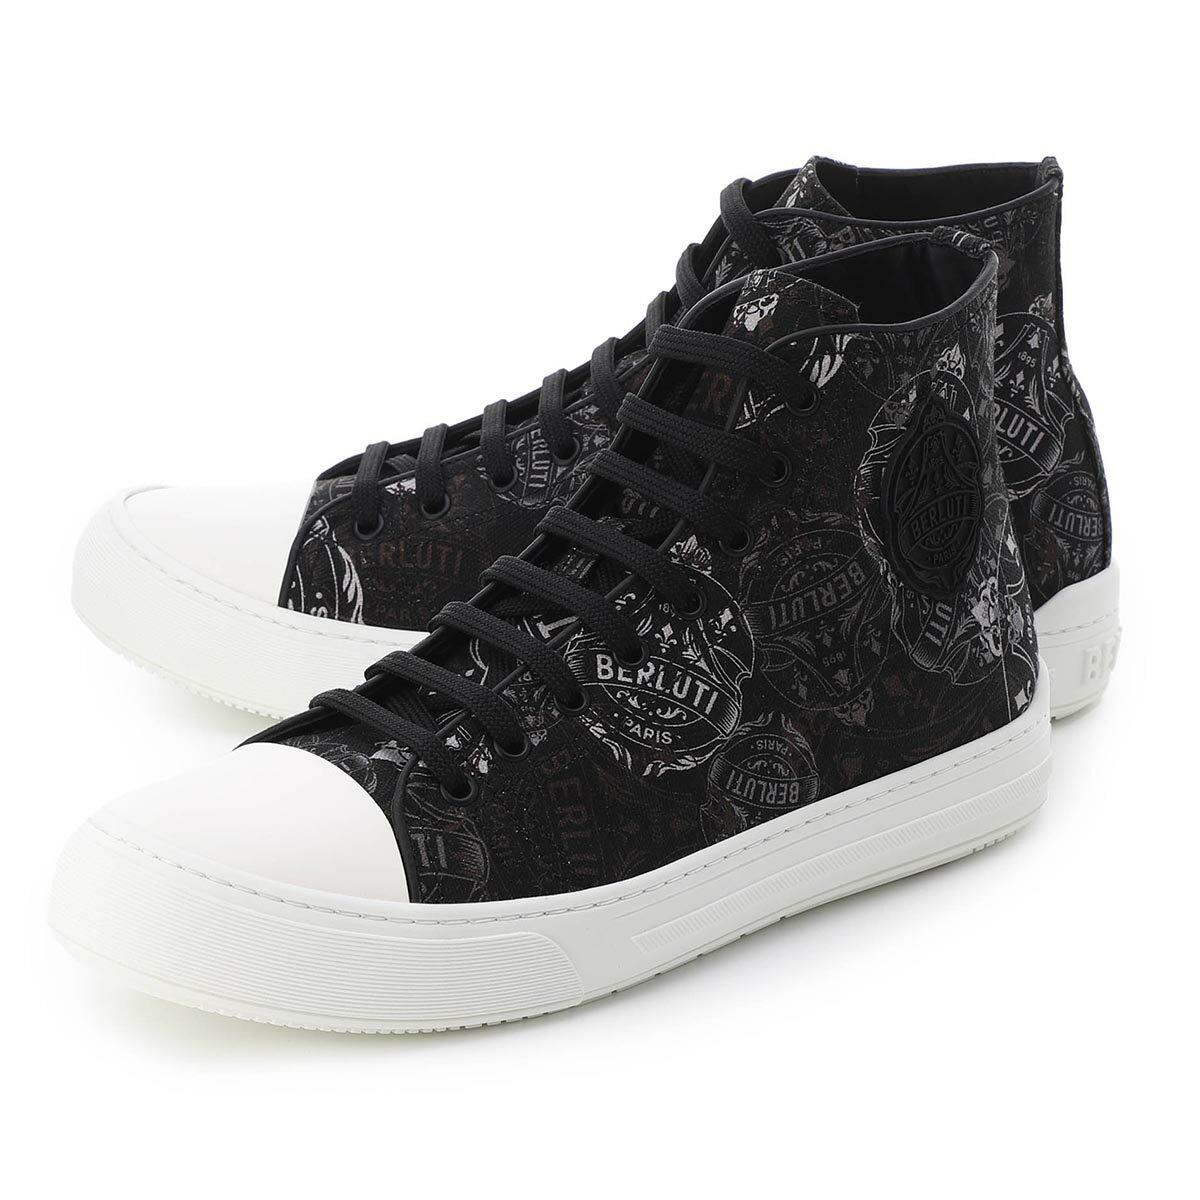 メンズ靴, スニーカー  BERLUTI s5040 003 k78